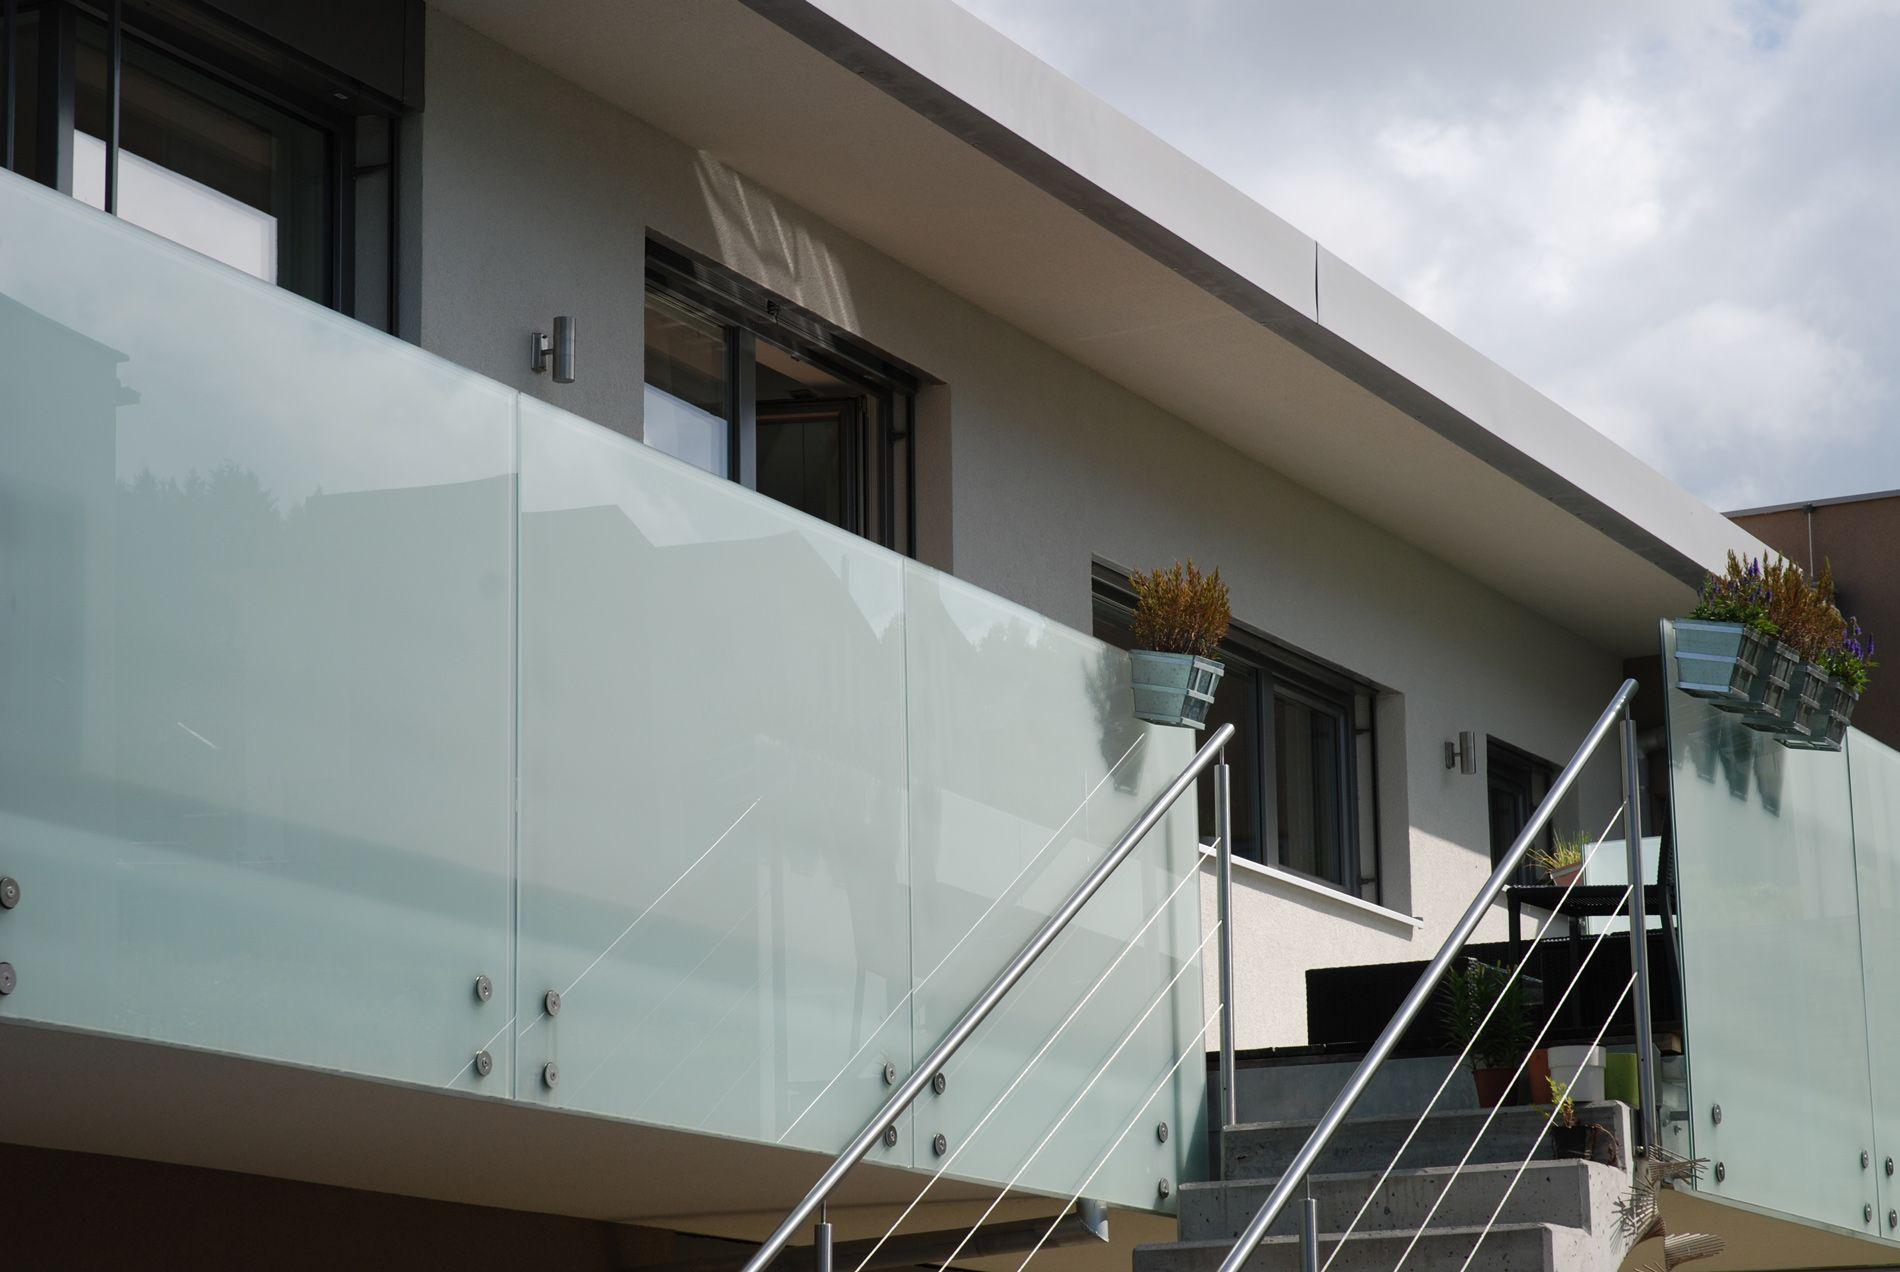 Windschutz Glas Gelander Milchglas Haus In 2019 Balkon Glas